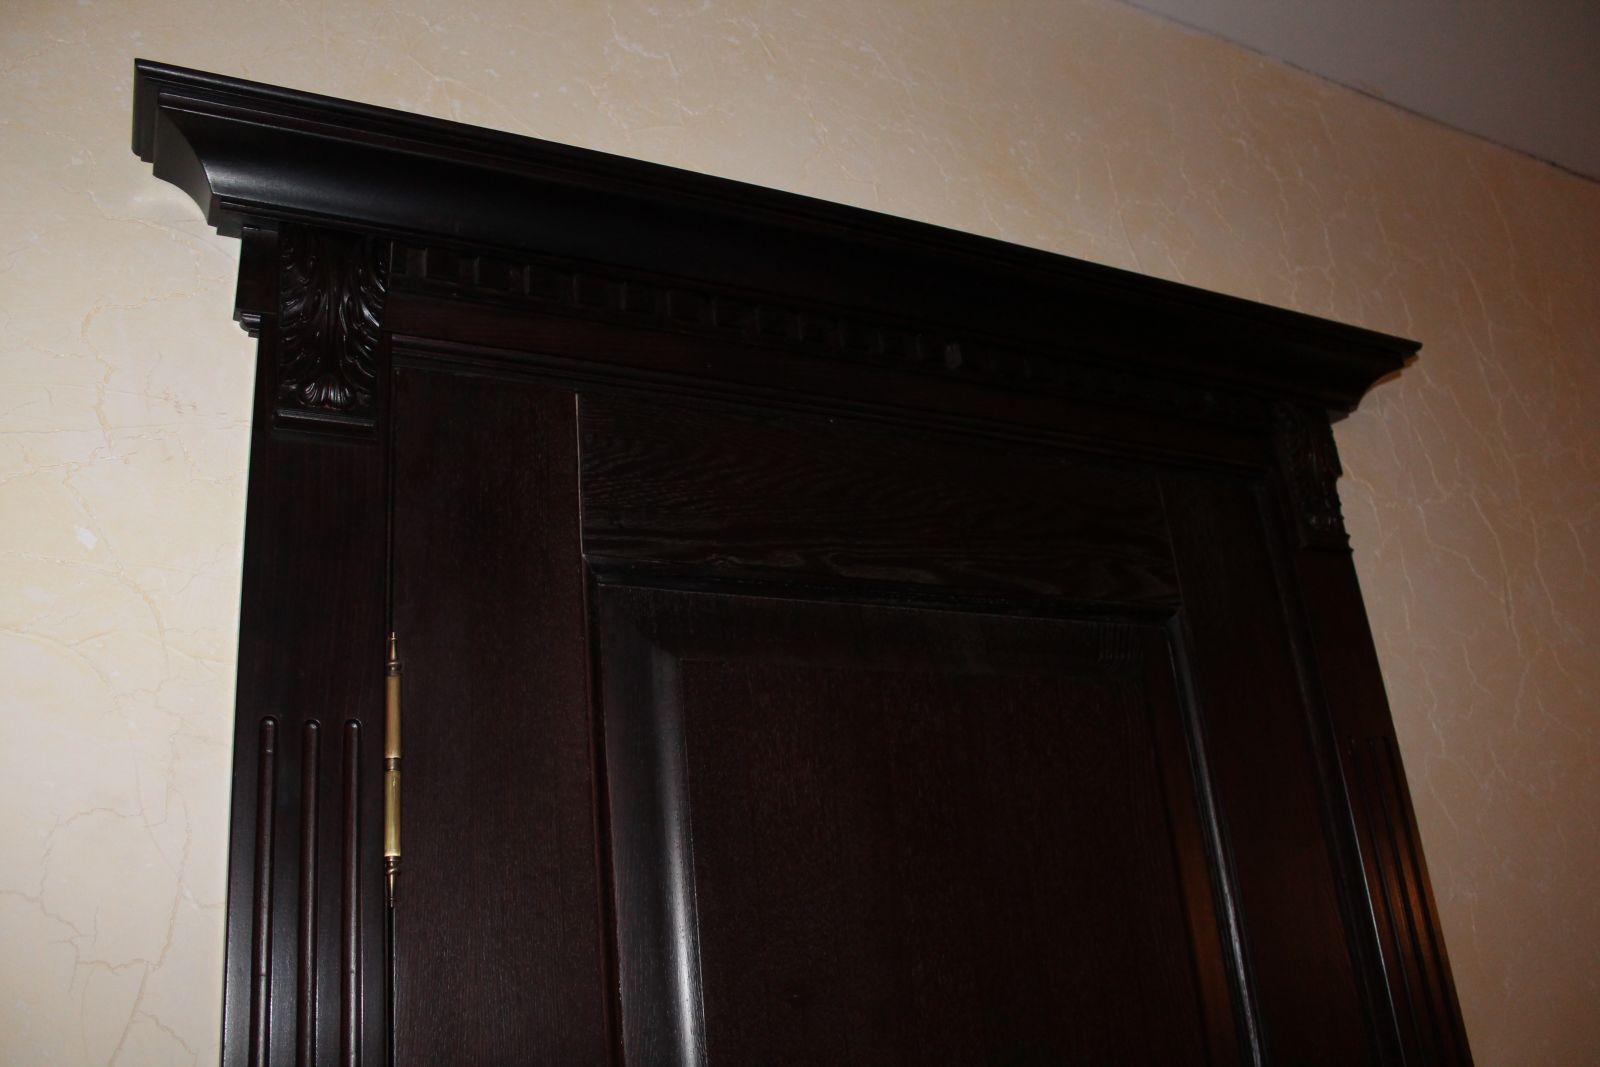 багеты на двери фото воспевали поэты